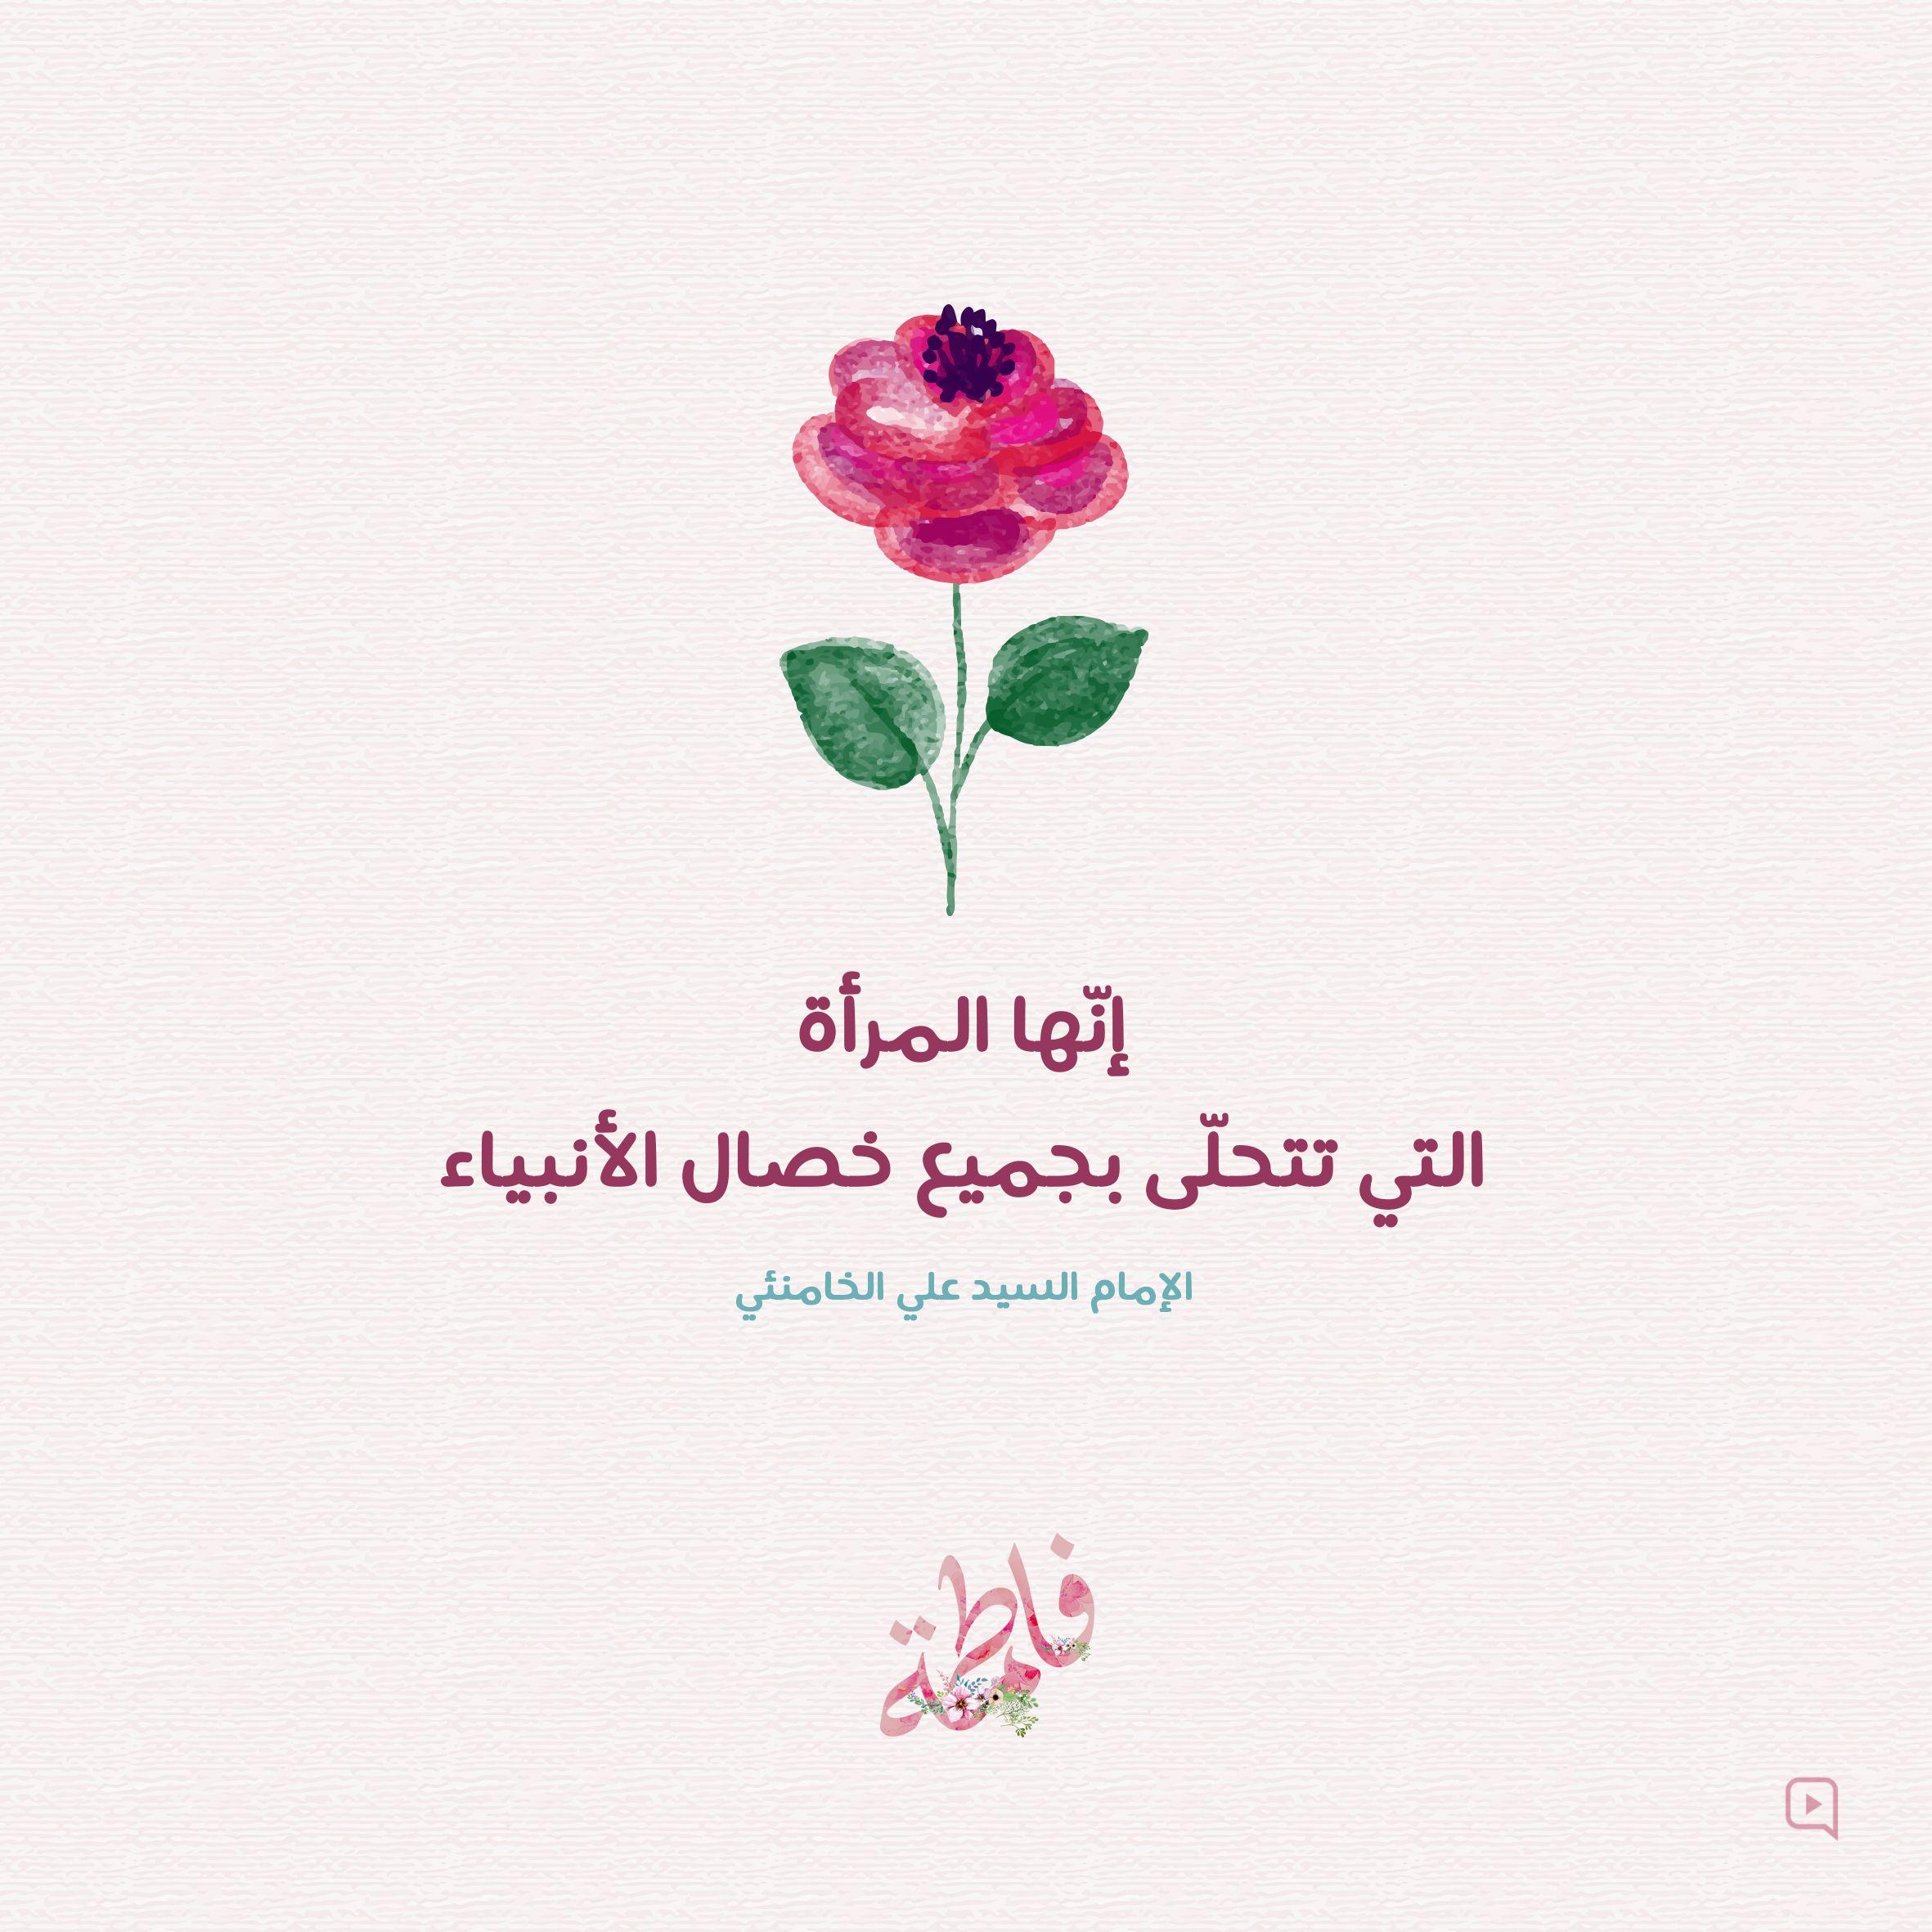 ولادة السيدة الزهراء هي التي تتحلى بجميع خصال الأنبياء Islamic Pictures Words Arabic Calligraphy